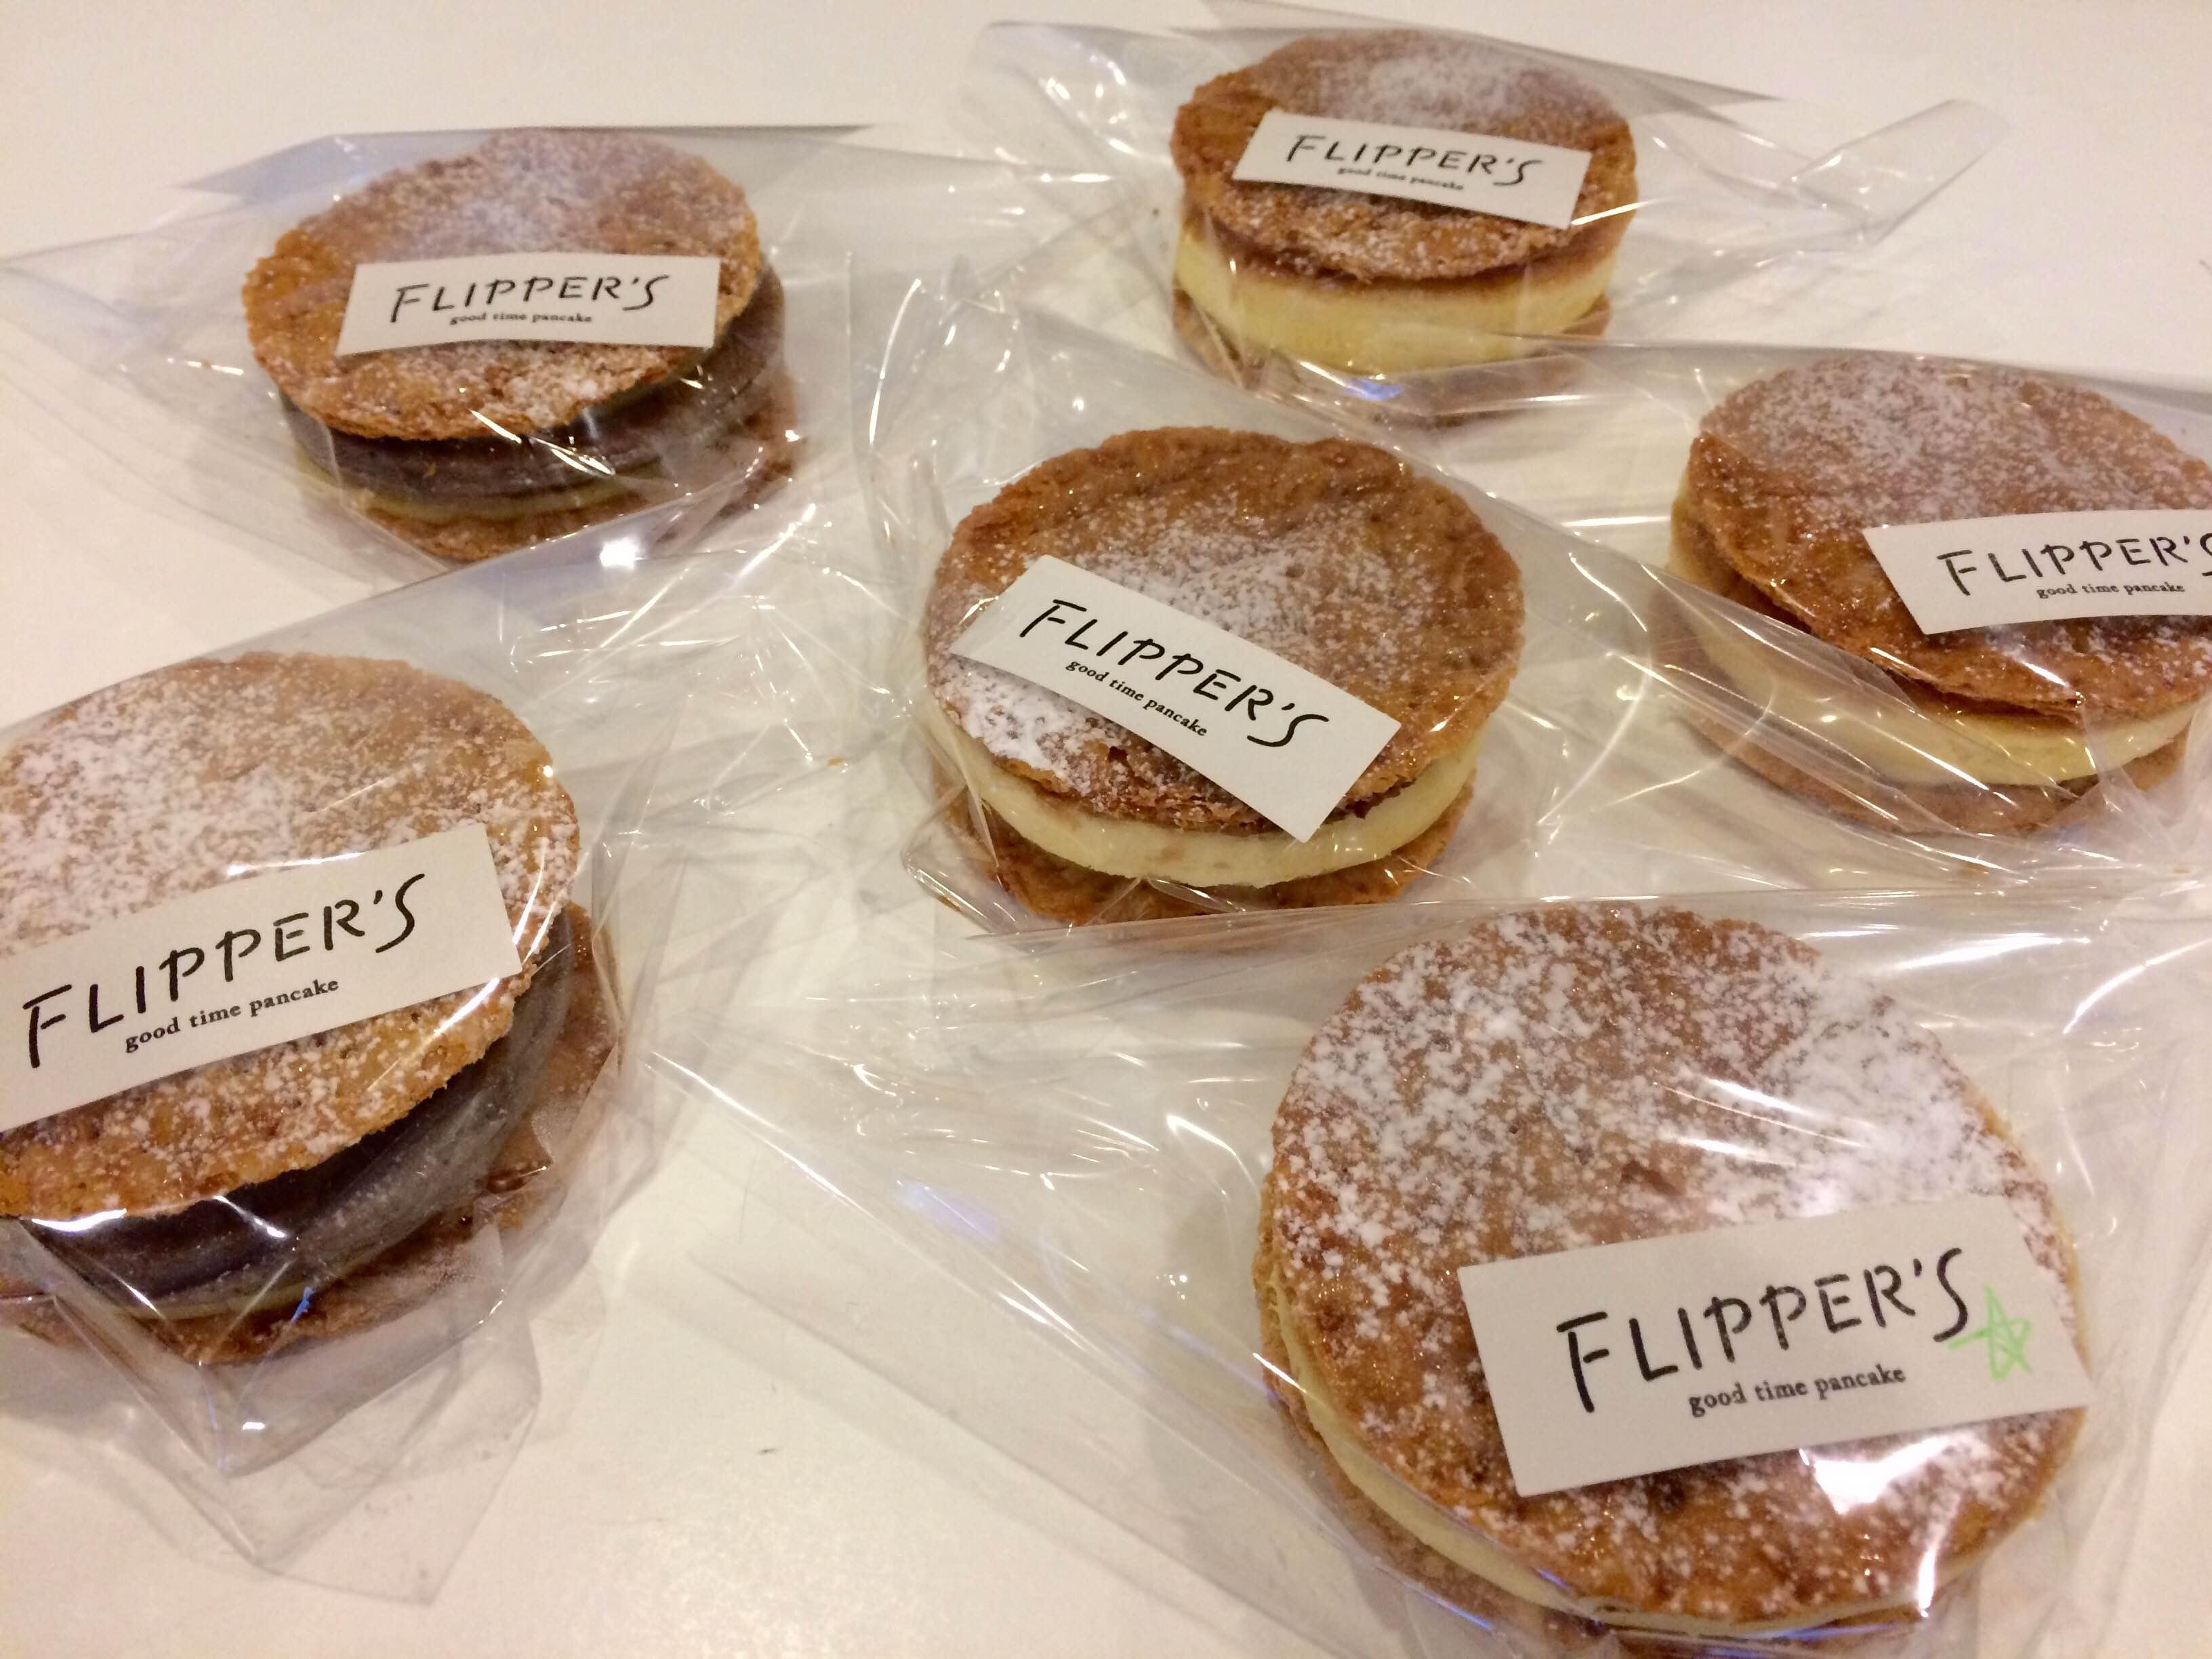 FLIPPER'Sのパンケーキをいただきました